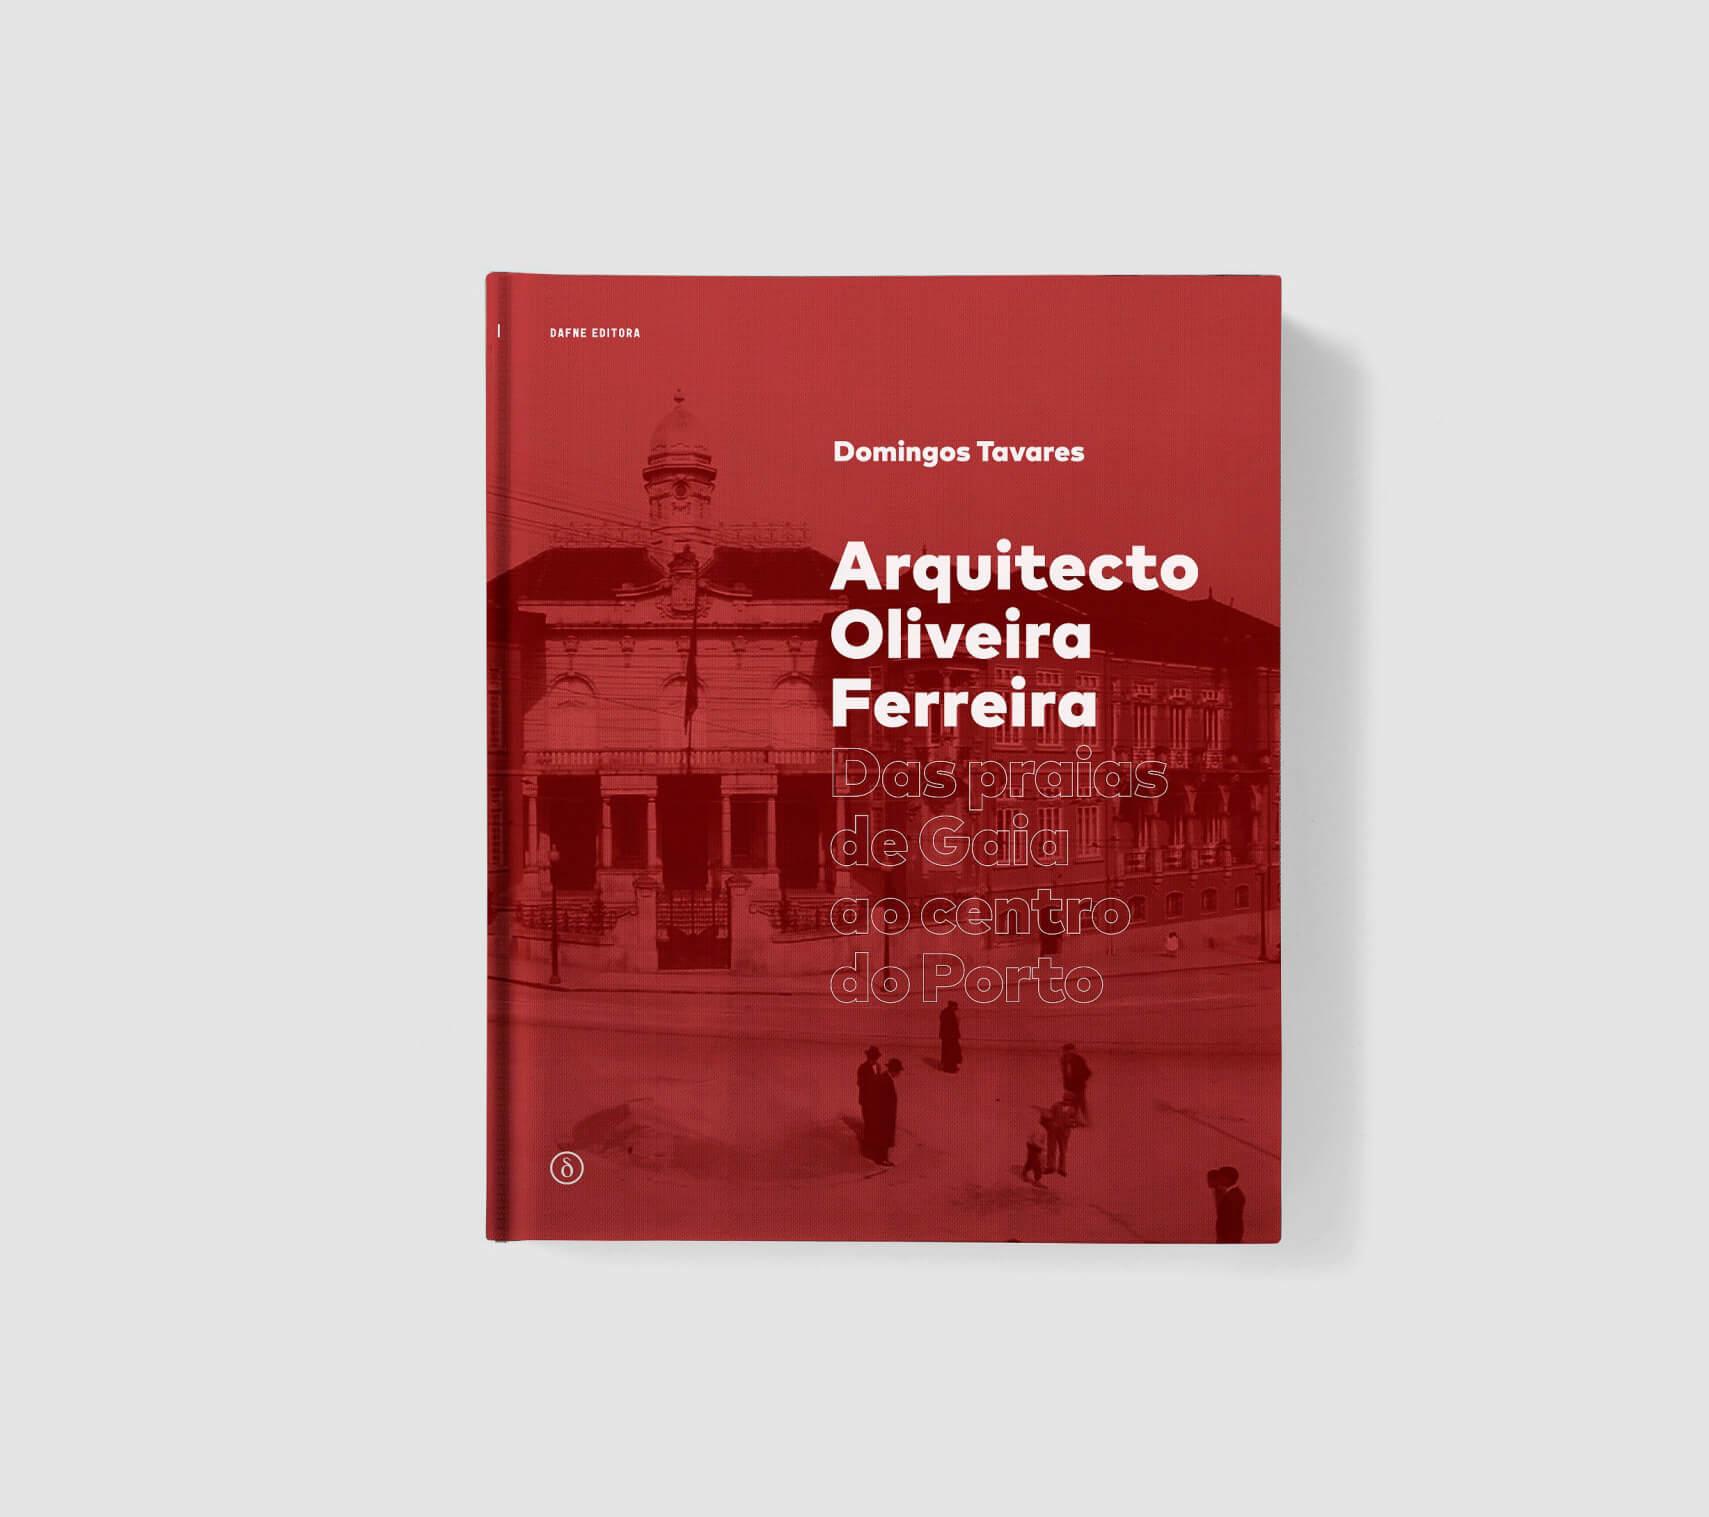 Lançamento do Livro 'Arquitecto Oliveira Ferreira' de Domingos Tavares